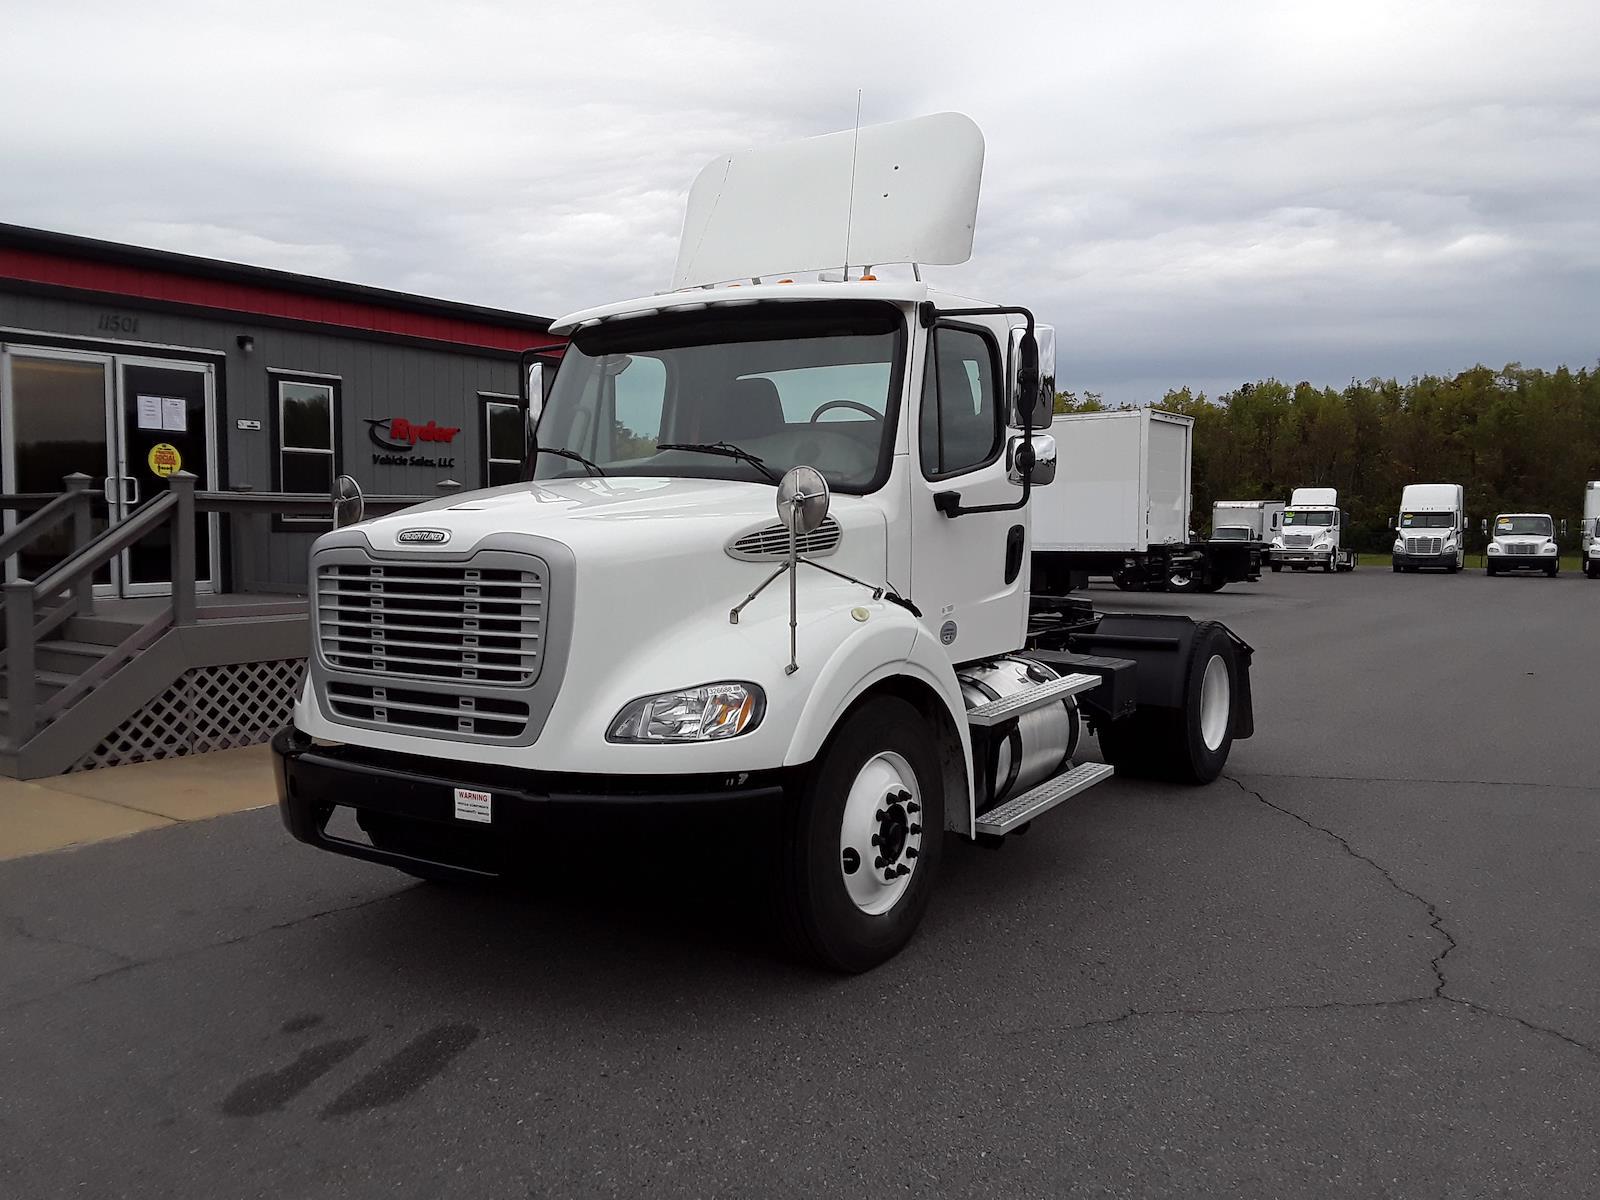 2015 Freightliner Truck 4x2, Tractor #328866 - photo 1